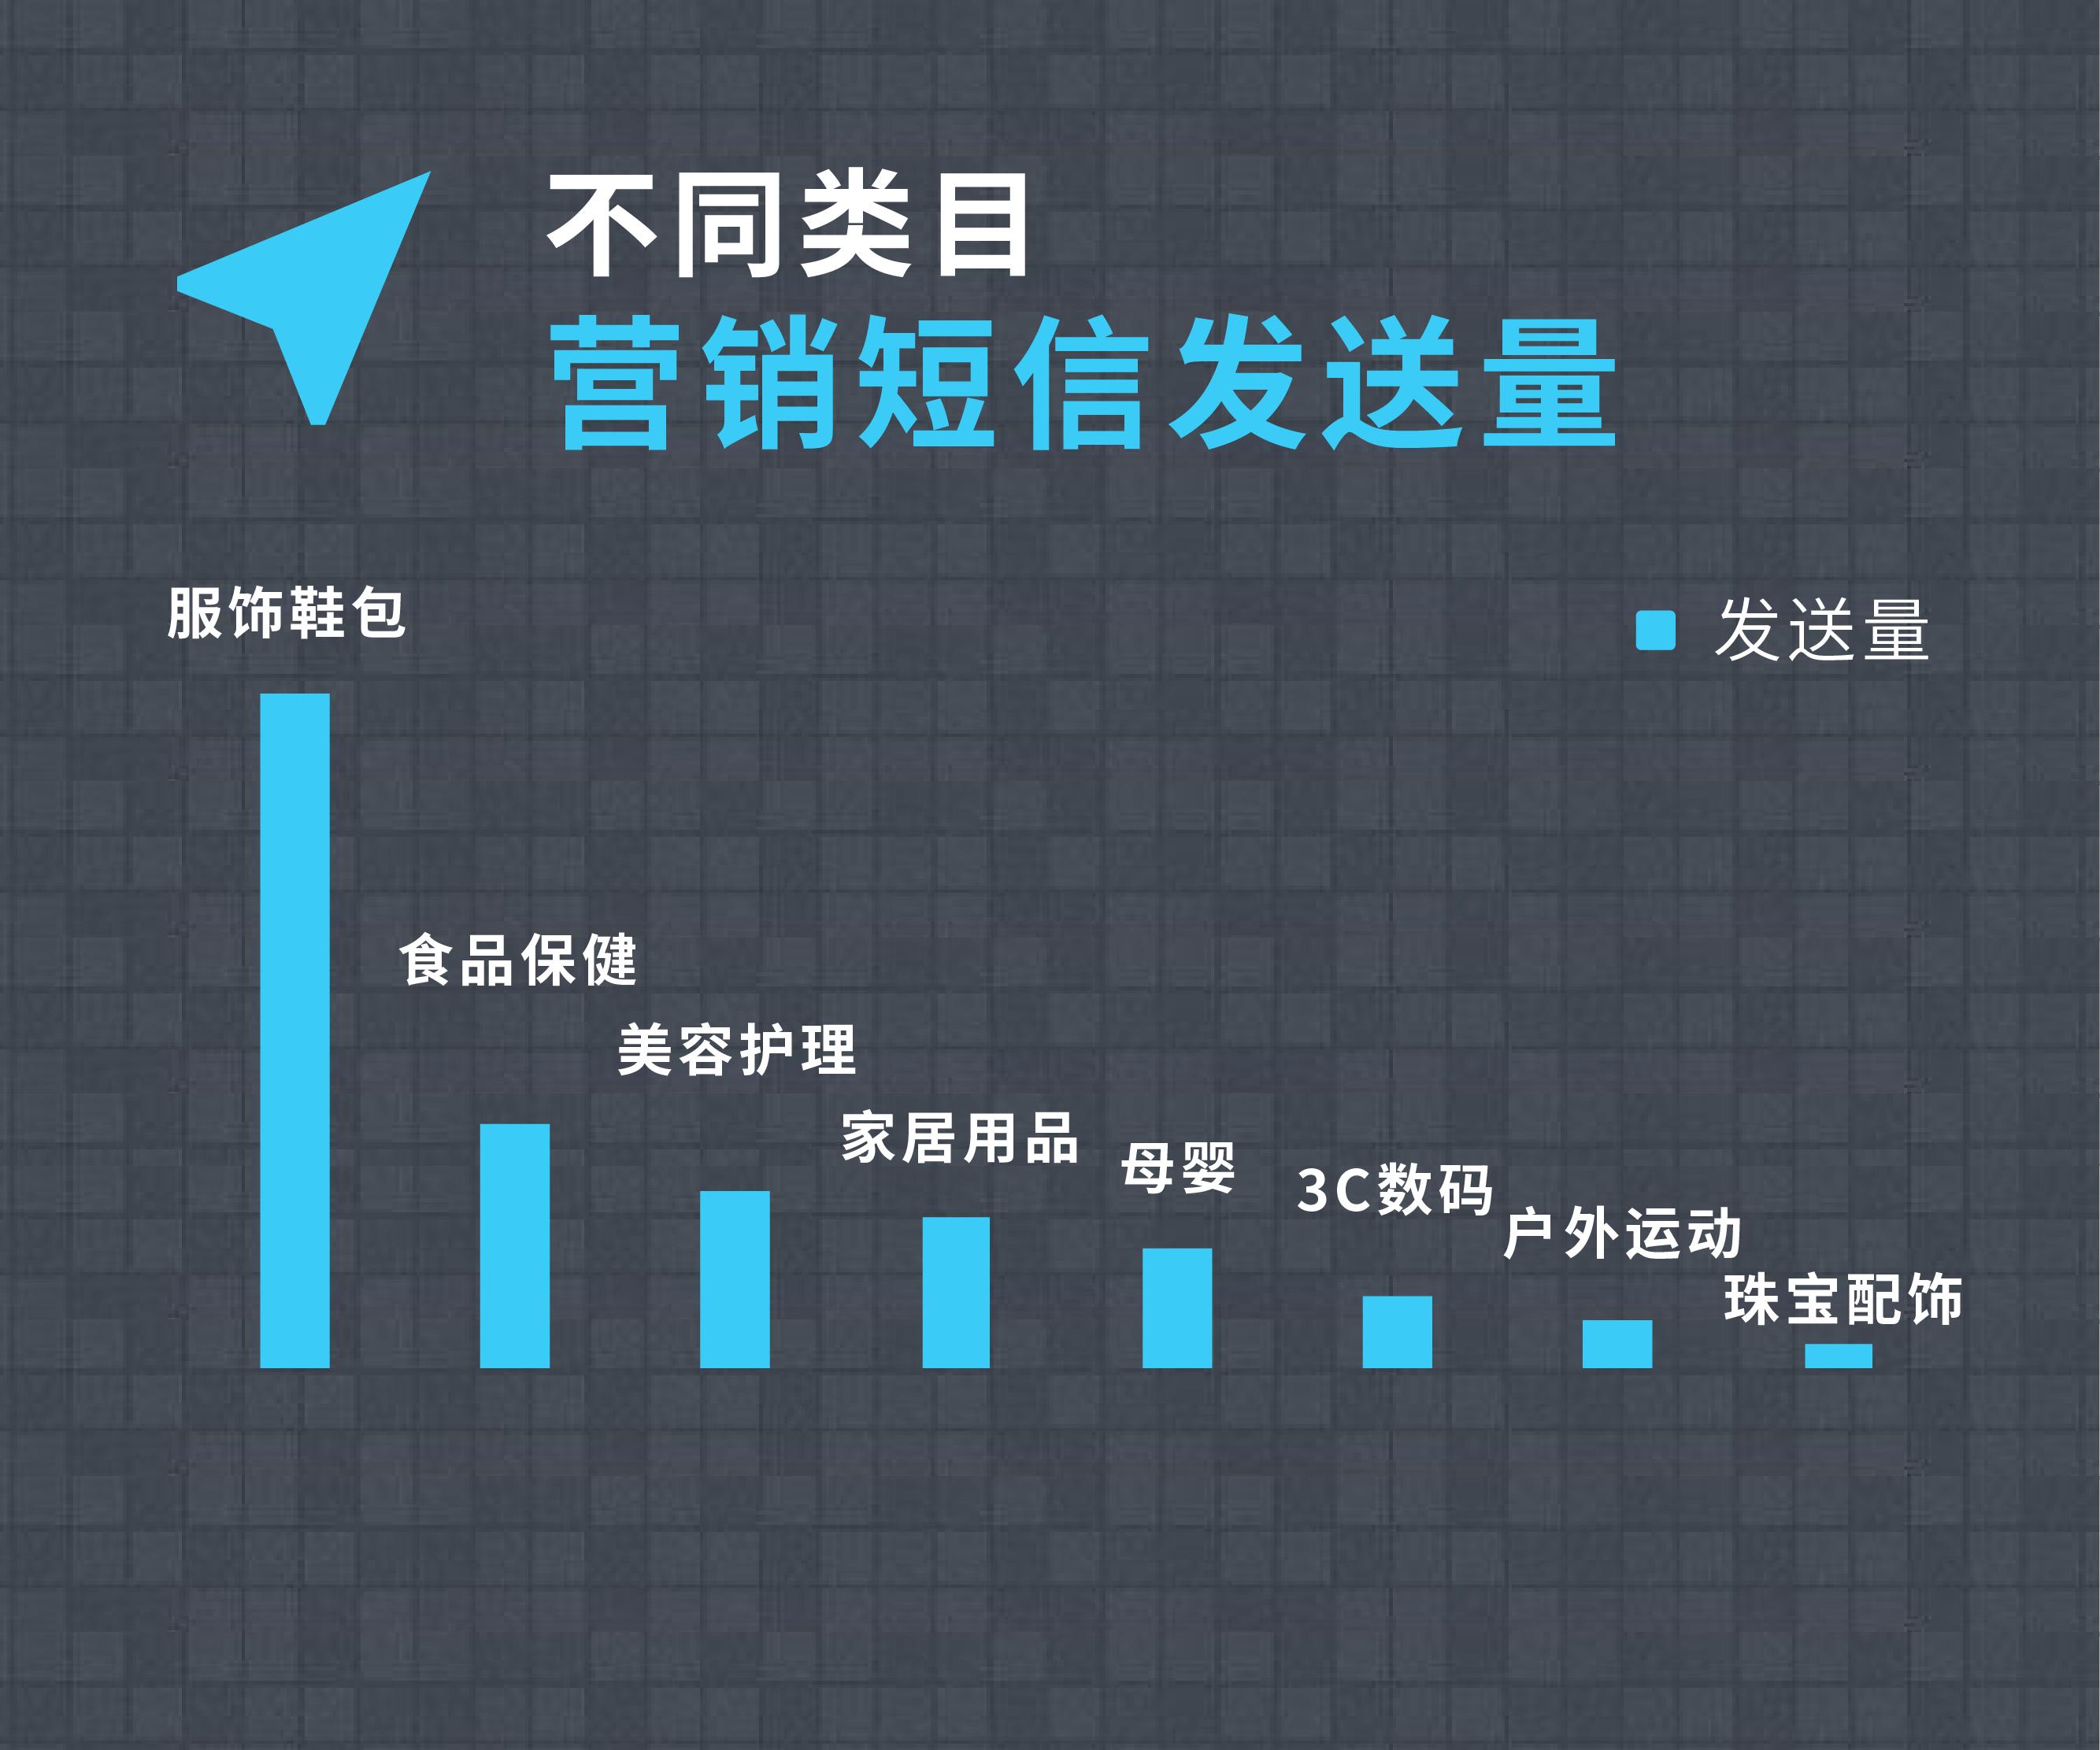 微信双十一短信营销数据图表-05.png